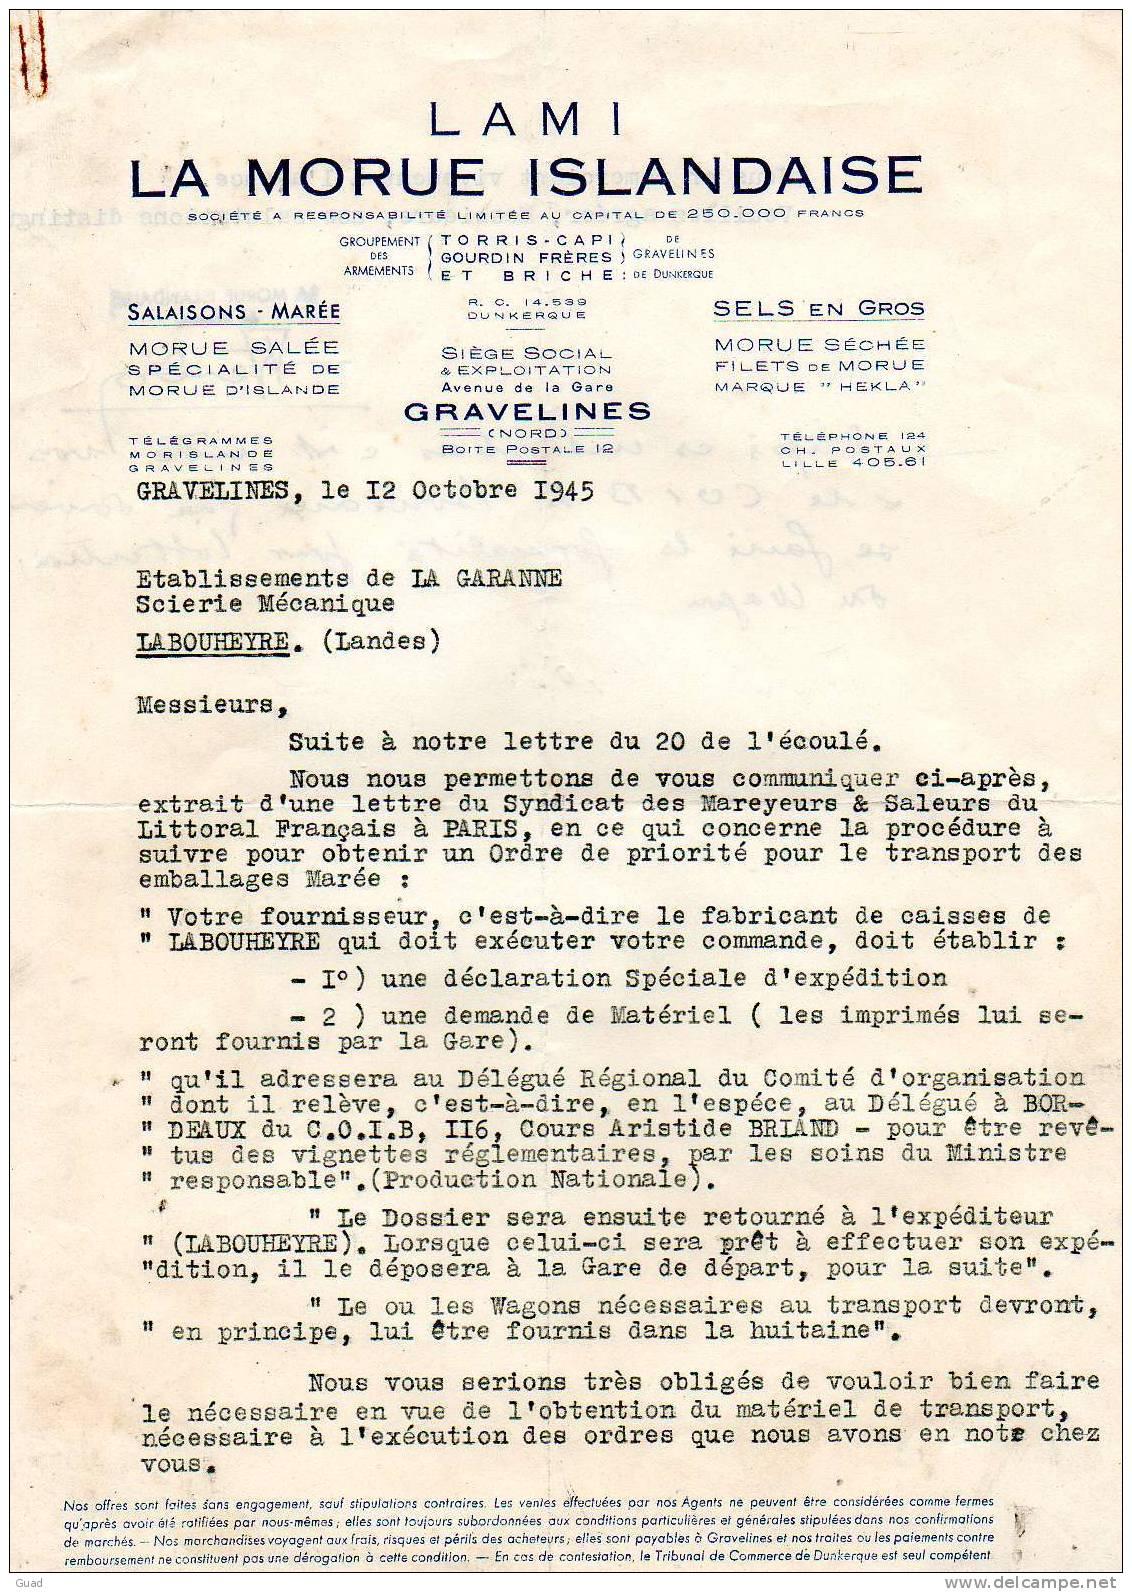 SALON DE COIFFURE - TARIF SYNDICAL DES COIFFEURS DE LA DORDOGNE EN ...